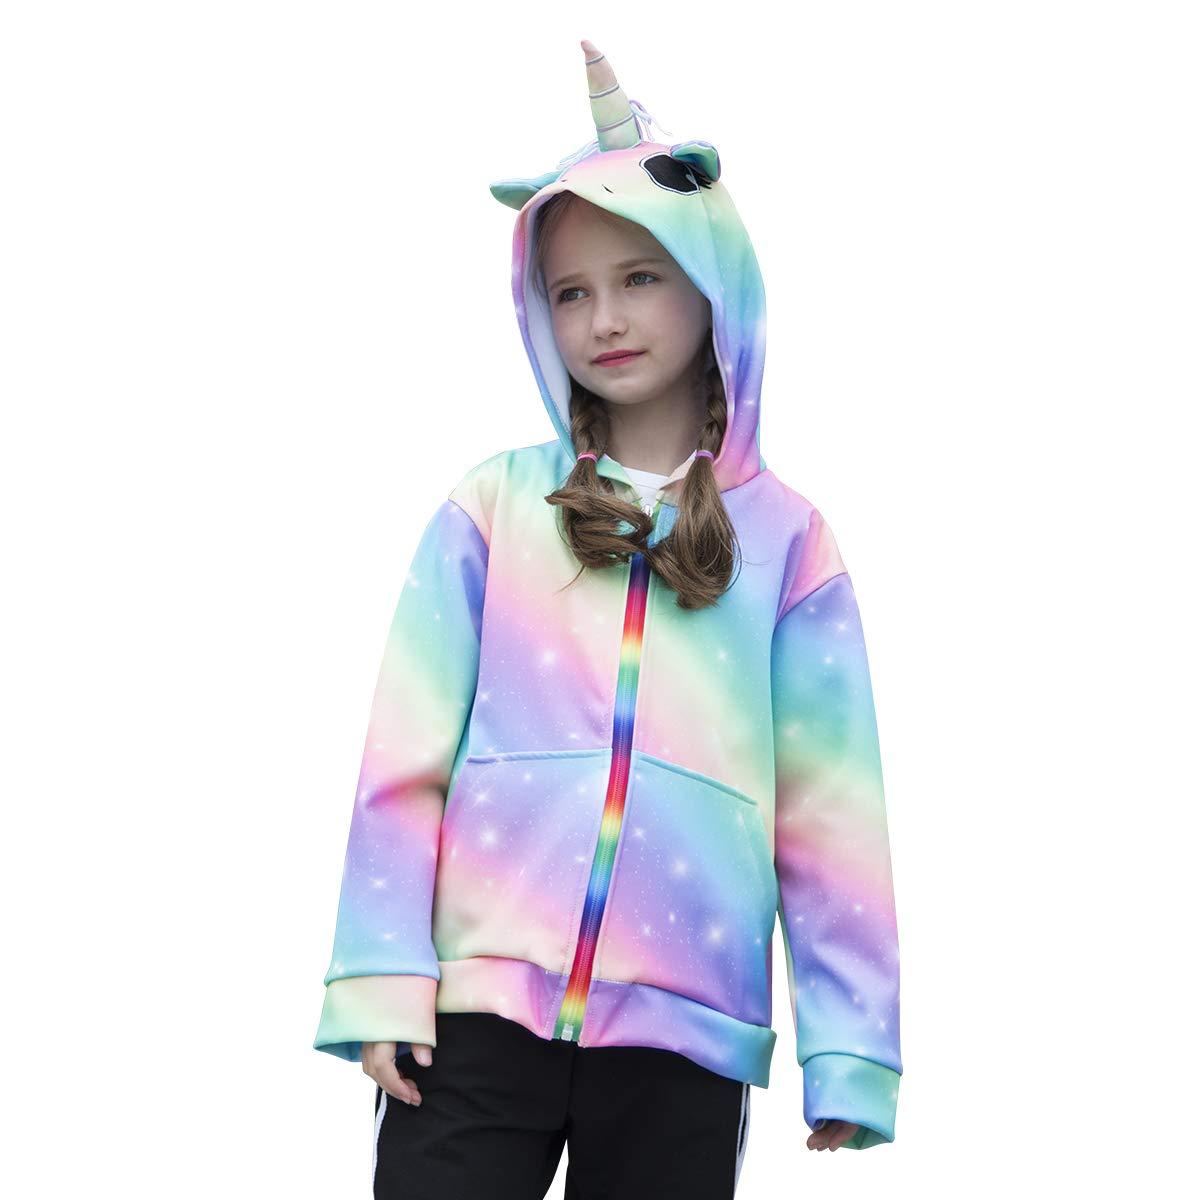 b7168c65de84 Amazon.com  Sylfairy Girls Rainbow Unicorn Hoodie Jacket Zip Up ...